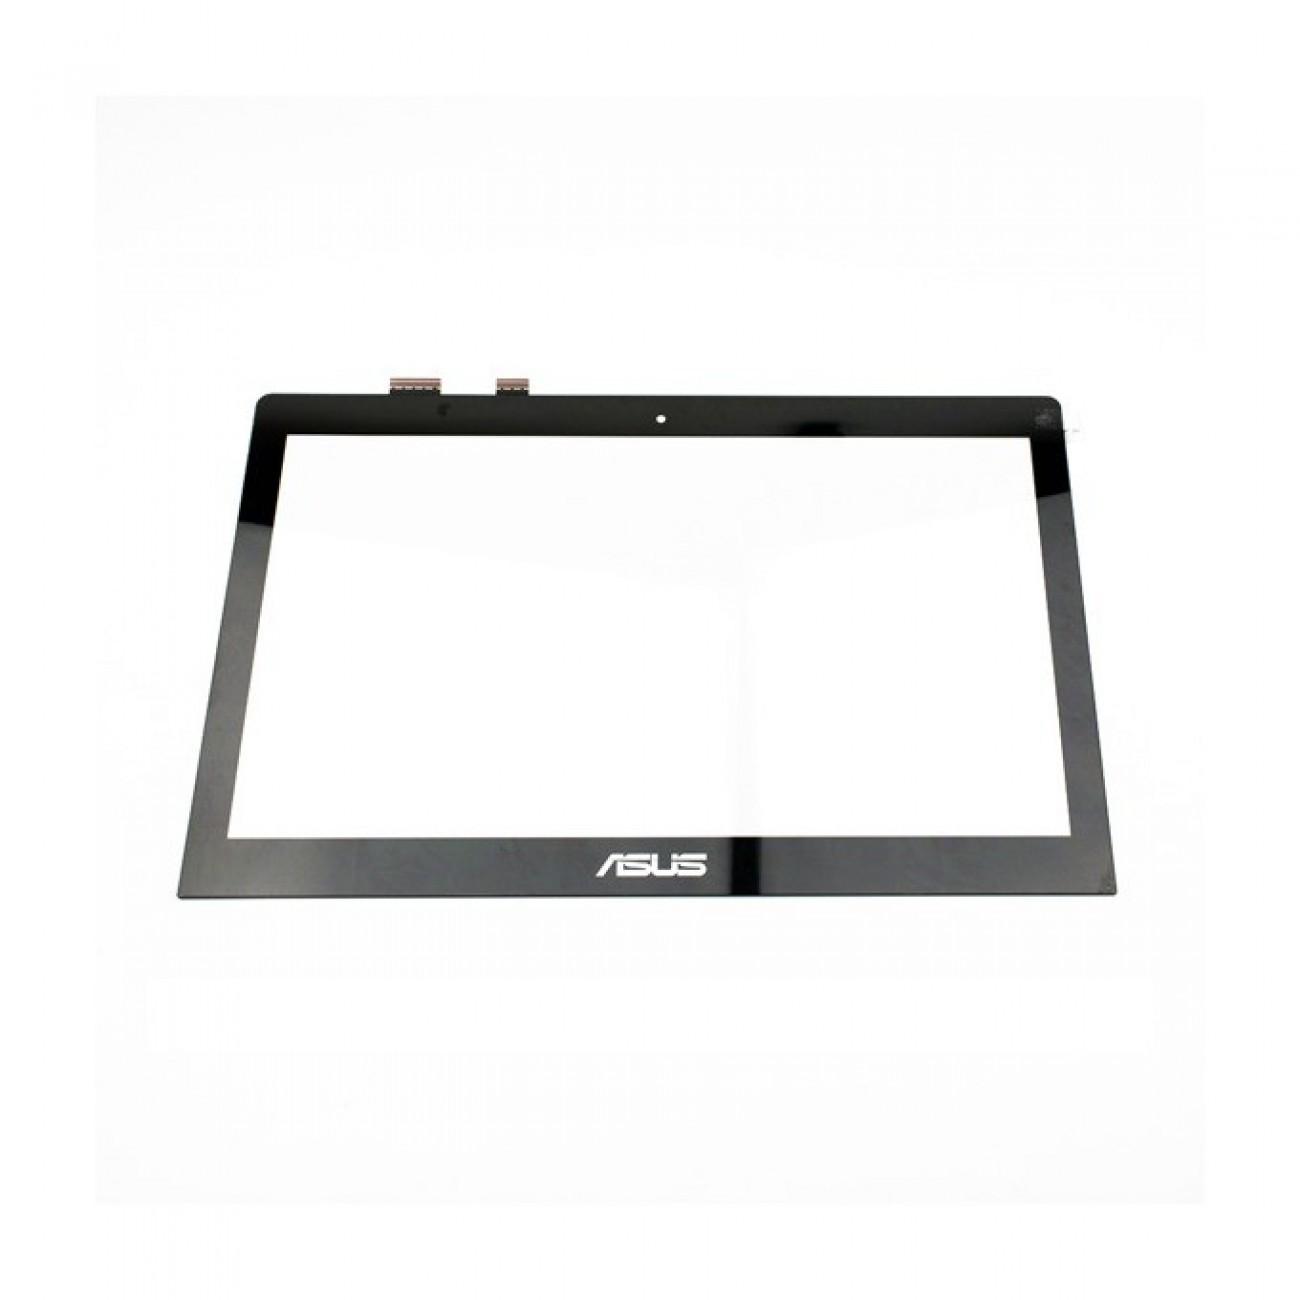 Тъч модул за Asus VivoBook S451L, touch, черен в Резервни части -  | Alleop